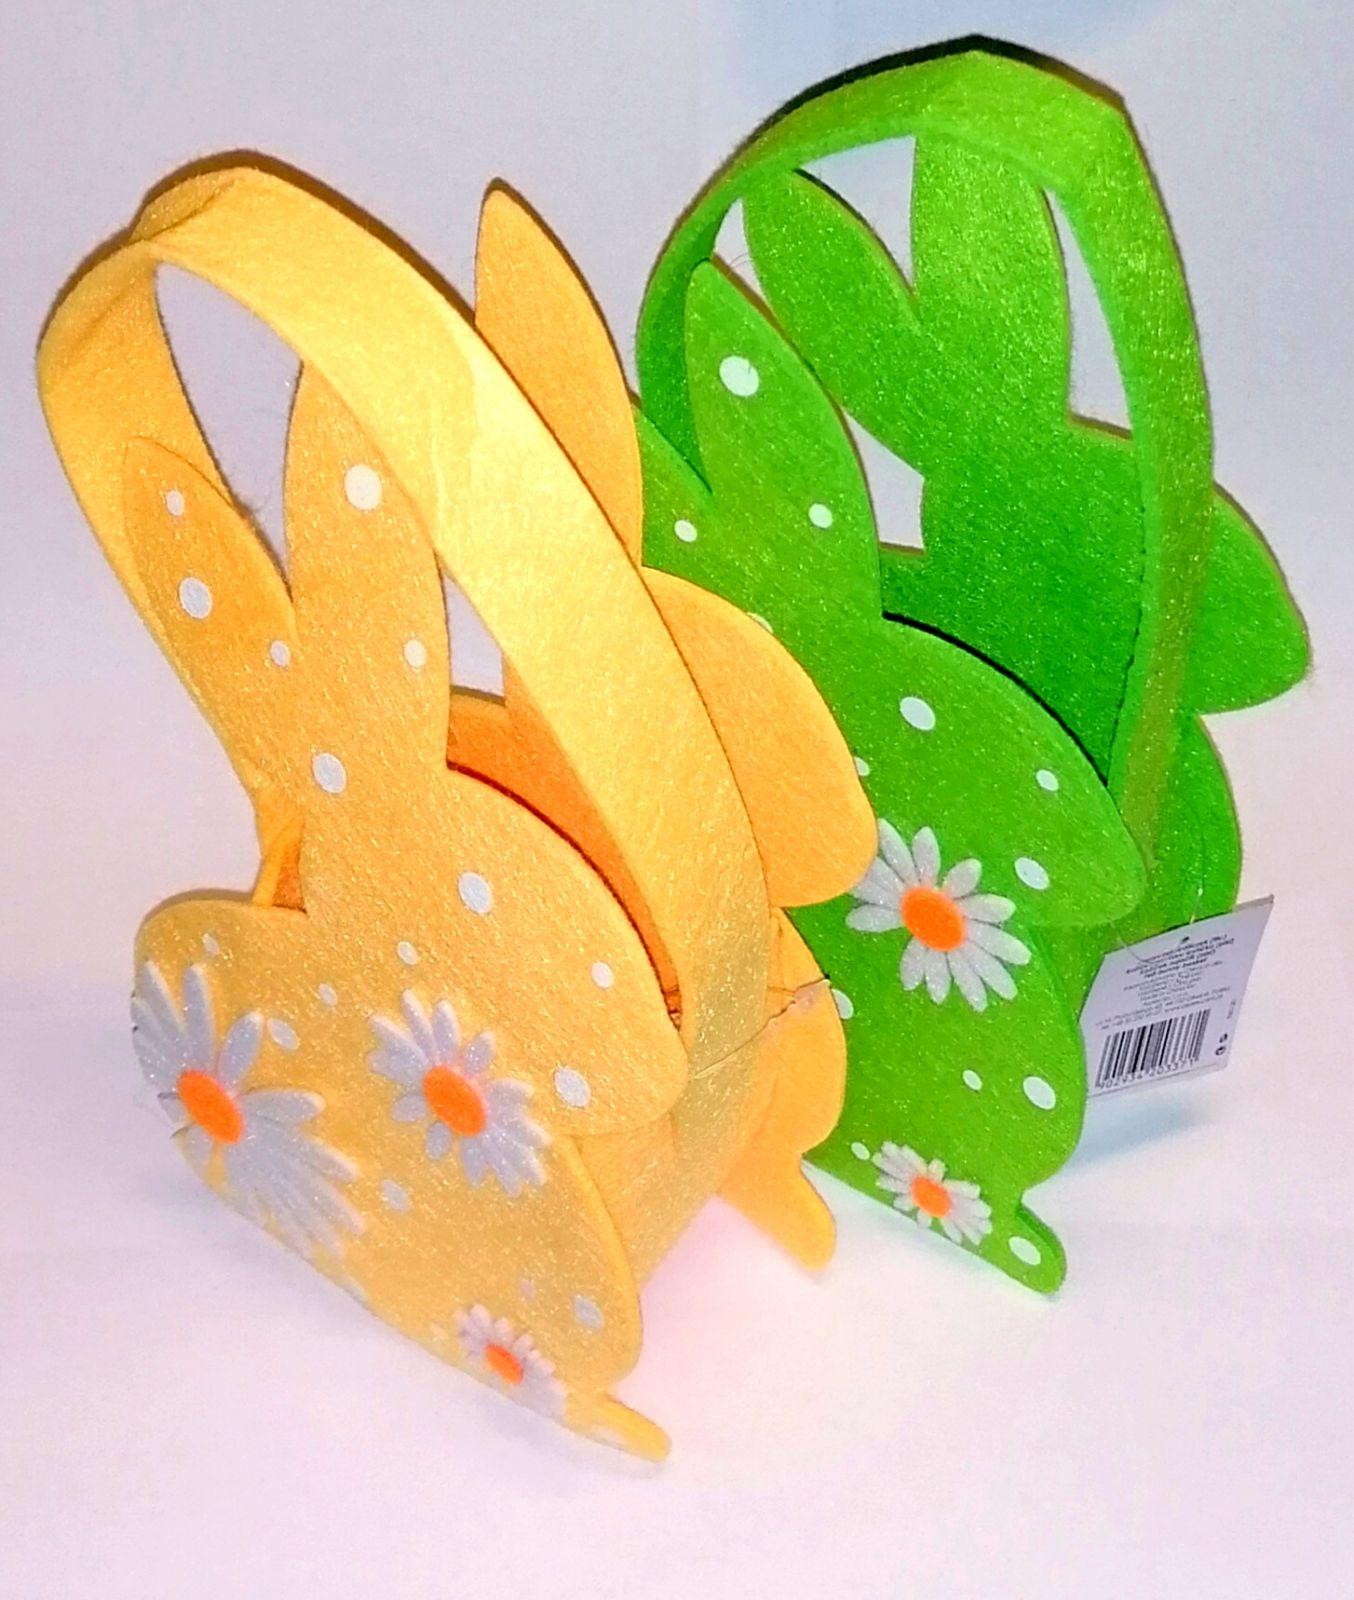 Arpex Velikonoční košík ve tvaru králíčka - zelený 203371-ze